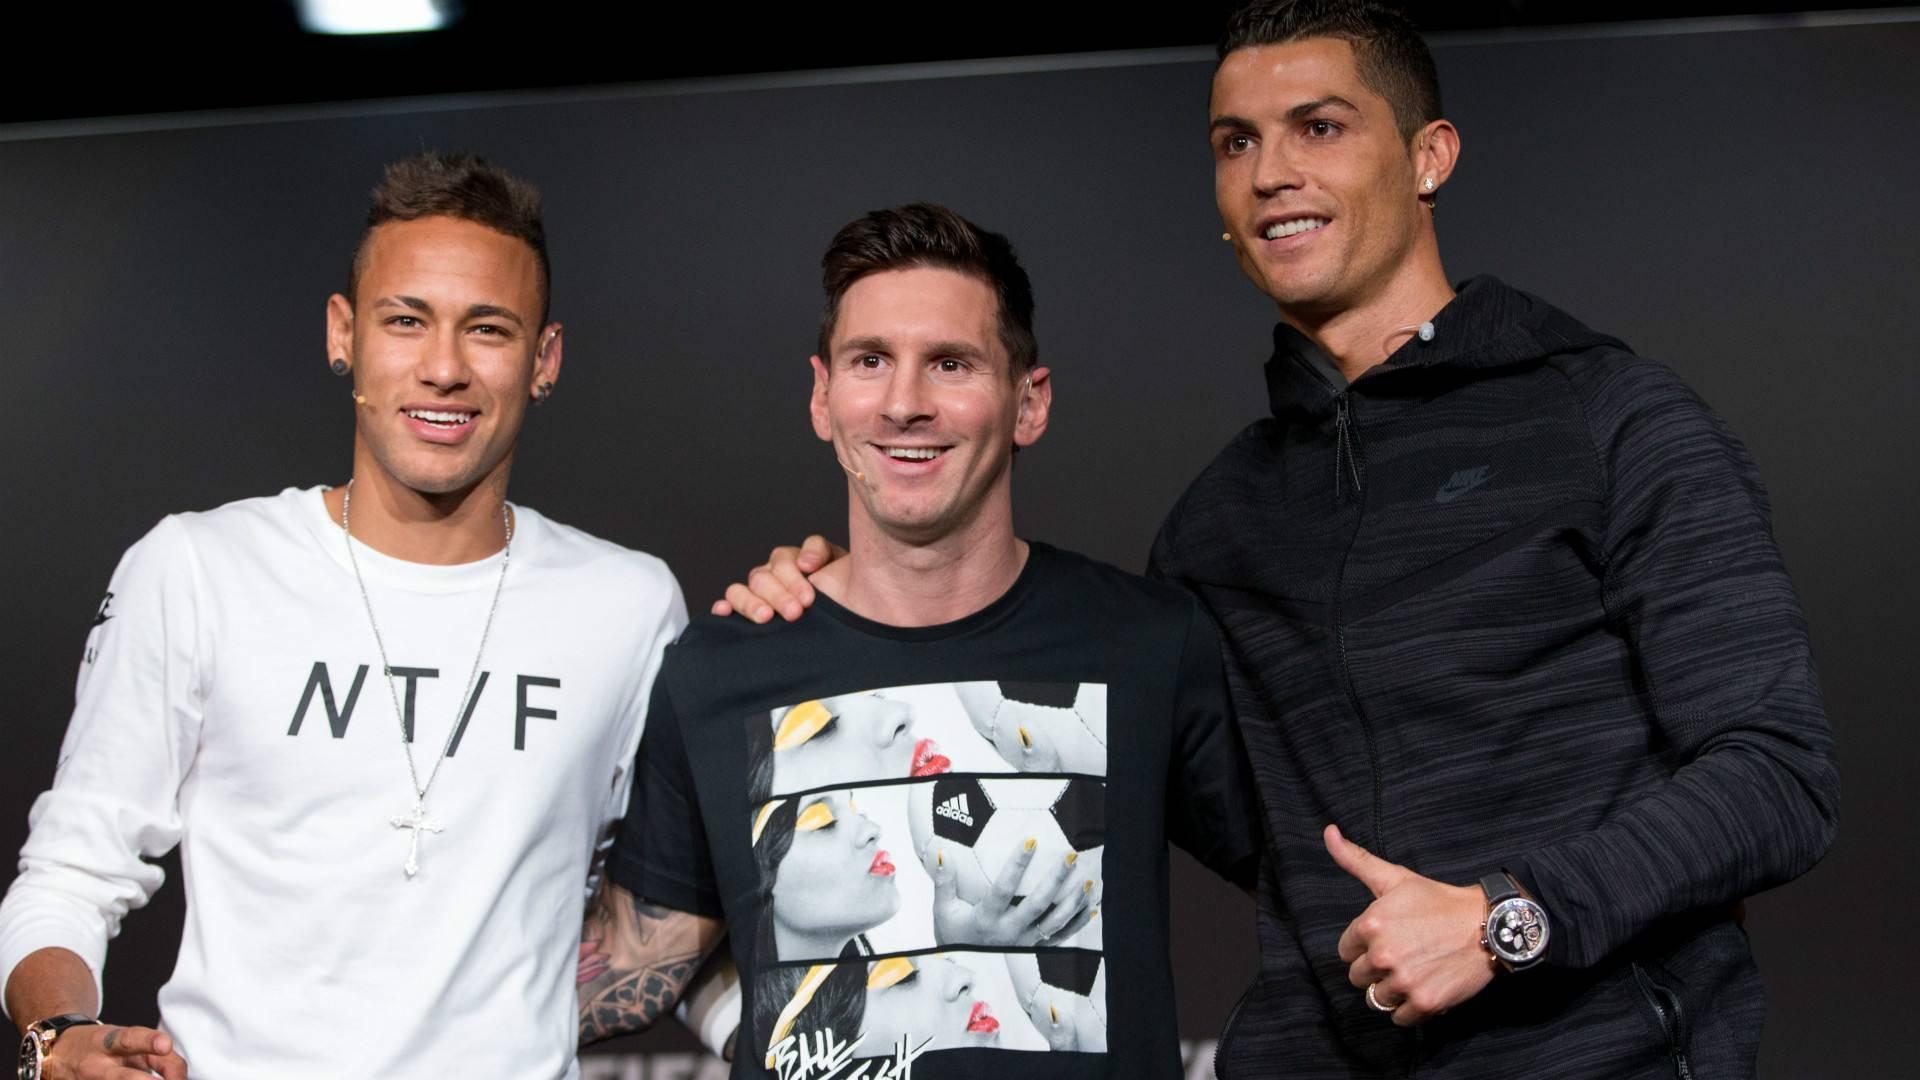 曾被视为梅罗之后最强,世界杯一球击破梅西球王梦,今28岁沦落二流联赛